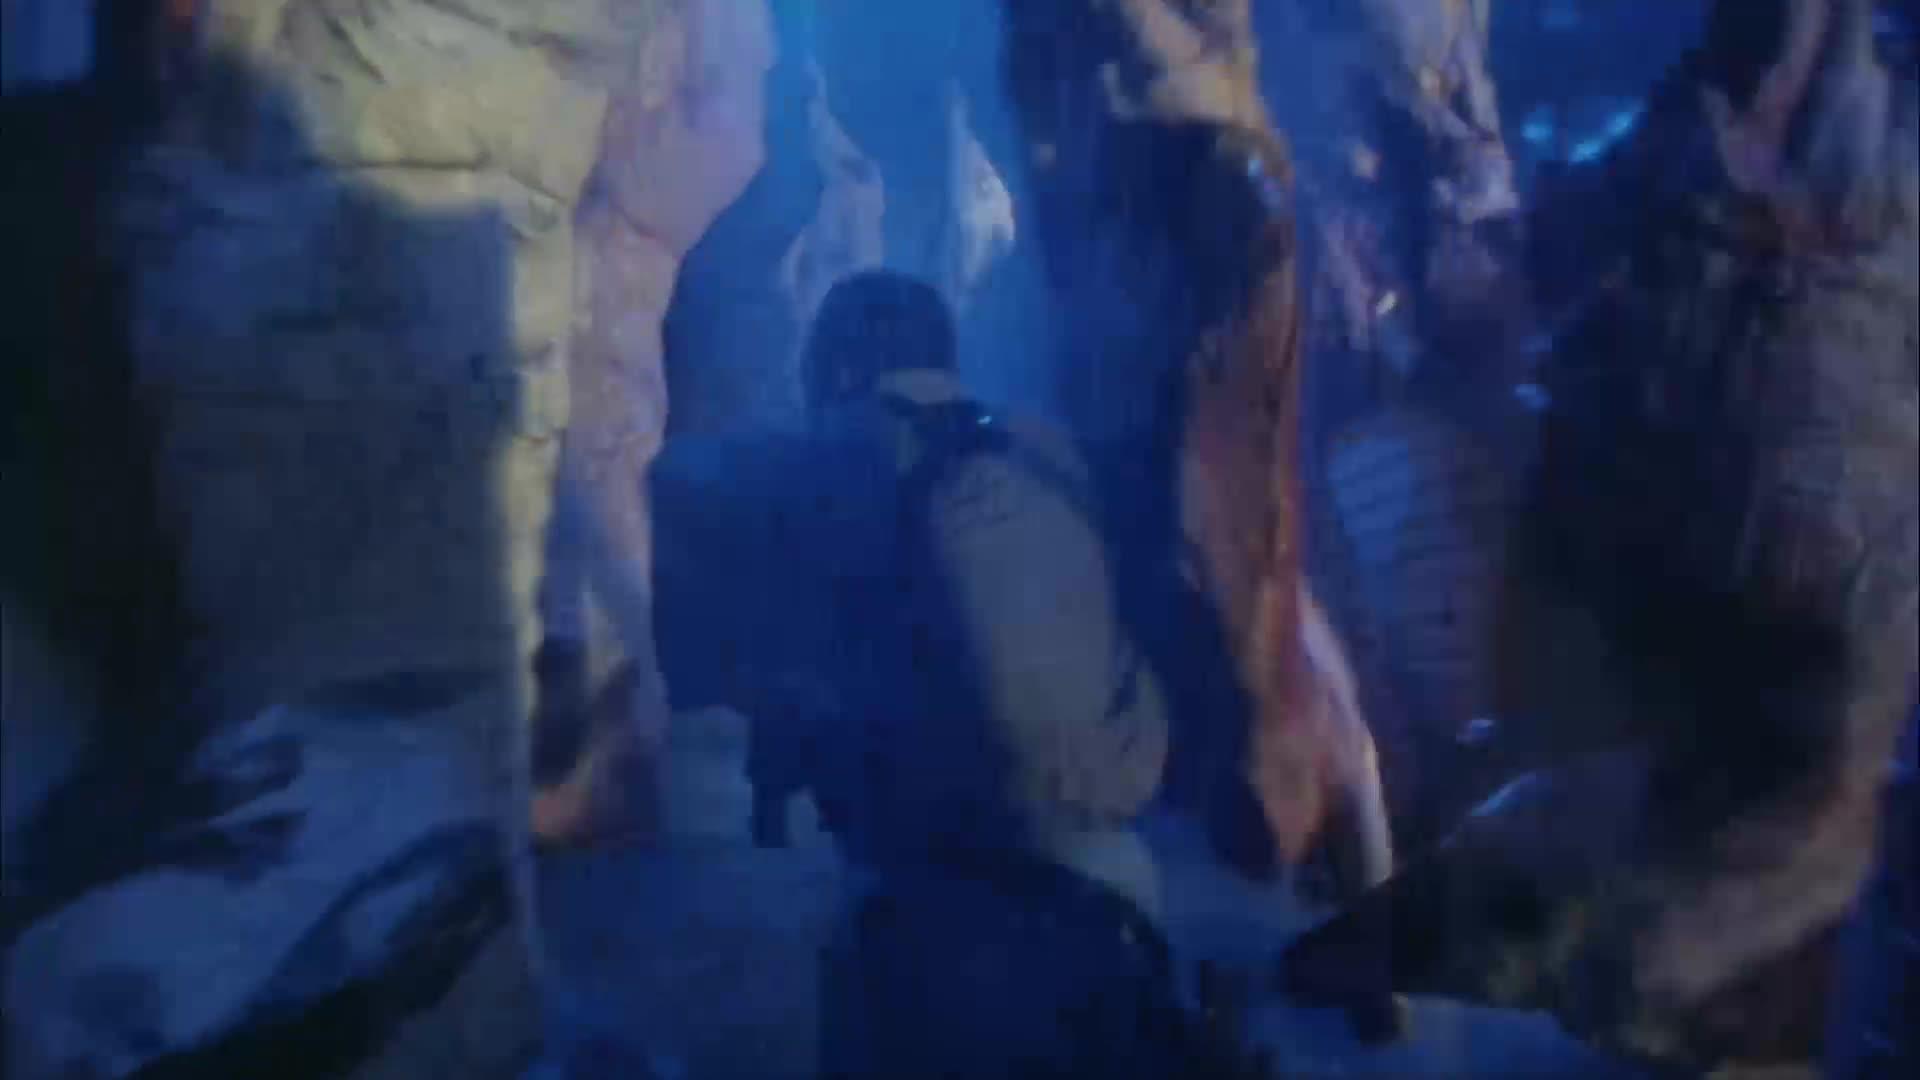 挂着一巨巨的尸体,最后迷失在了心里,喷水对他有效